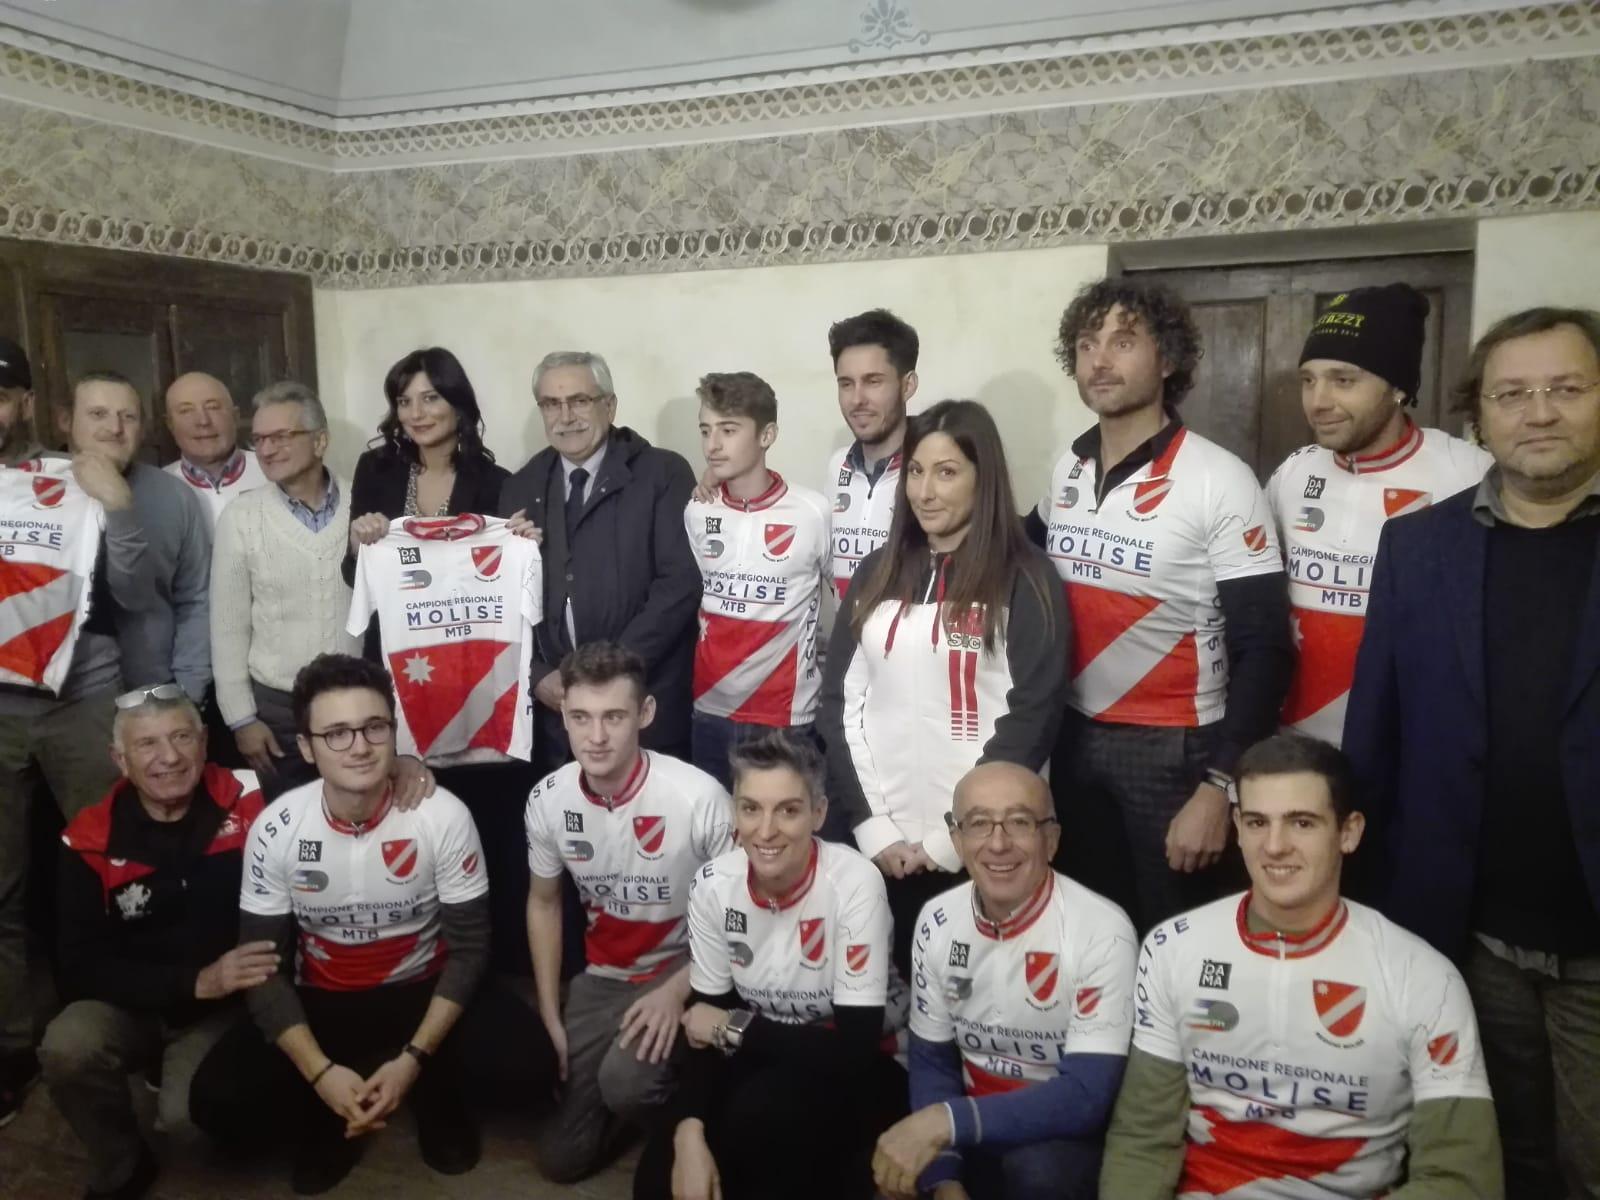 A Filignano festosa passerella per i campioni 2018 del ciclismo molisano.